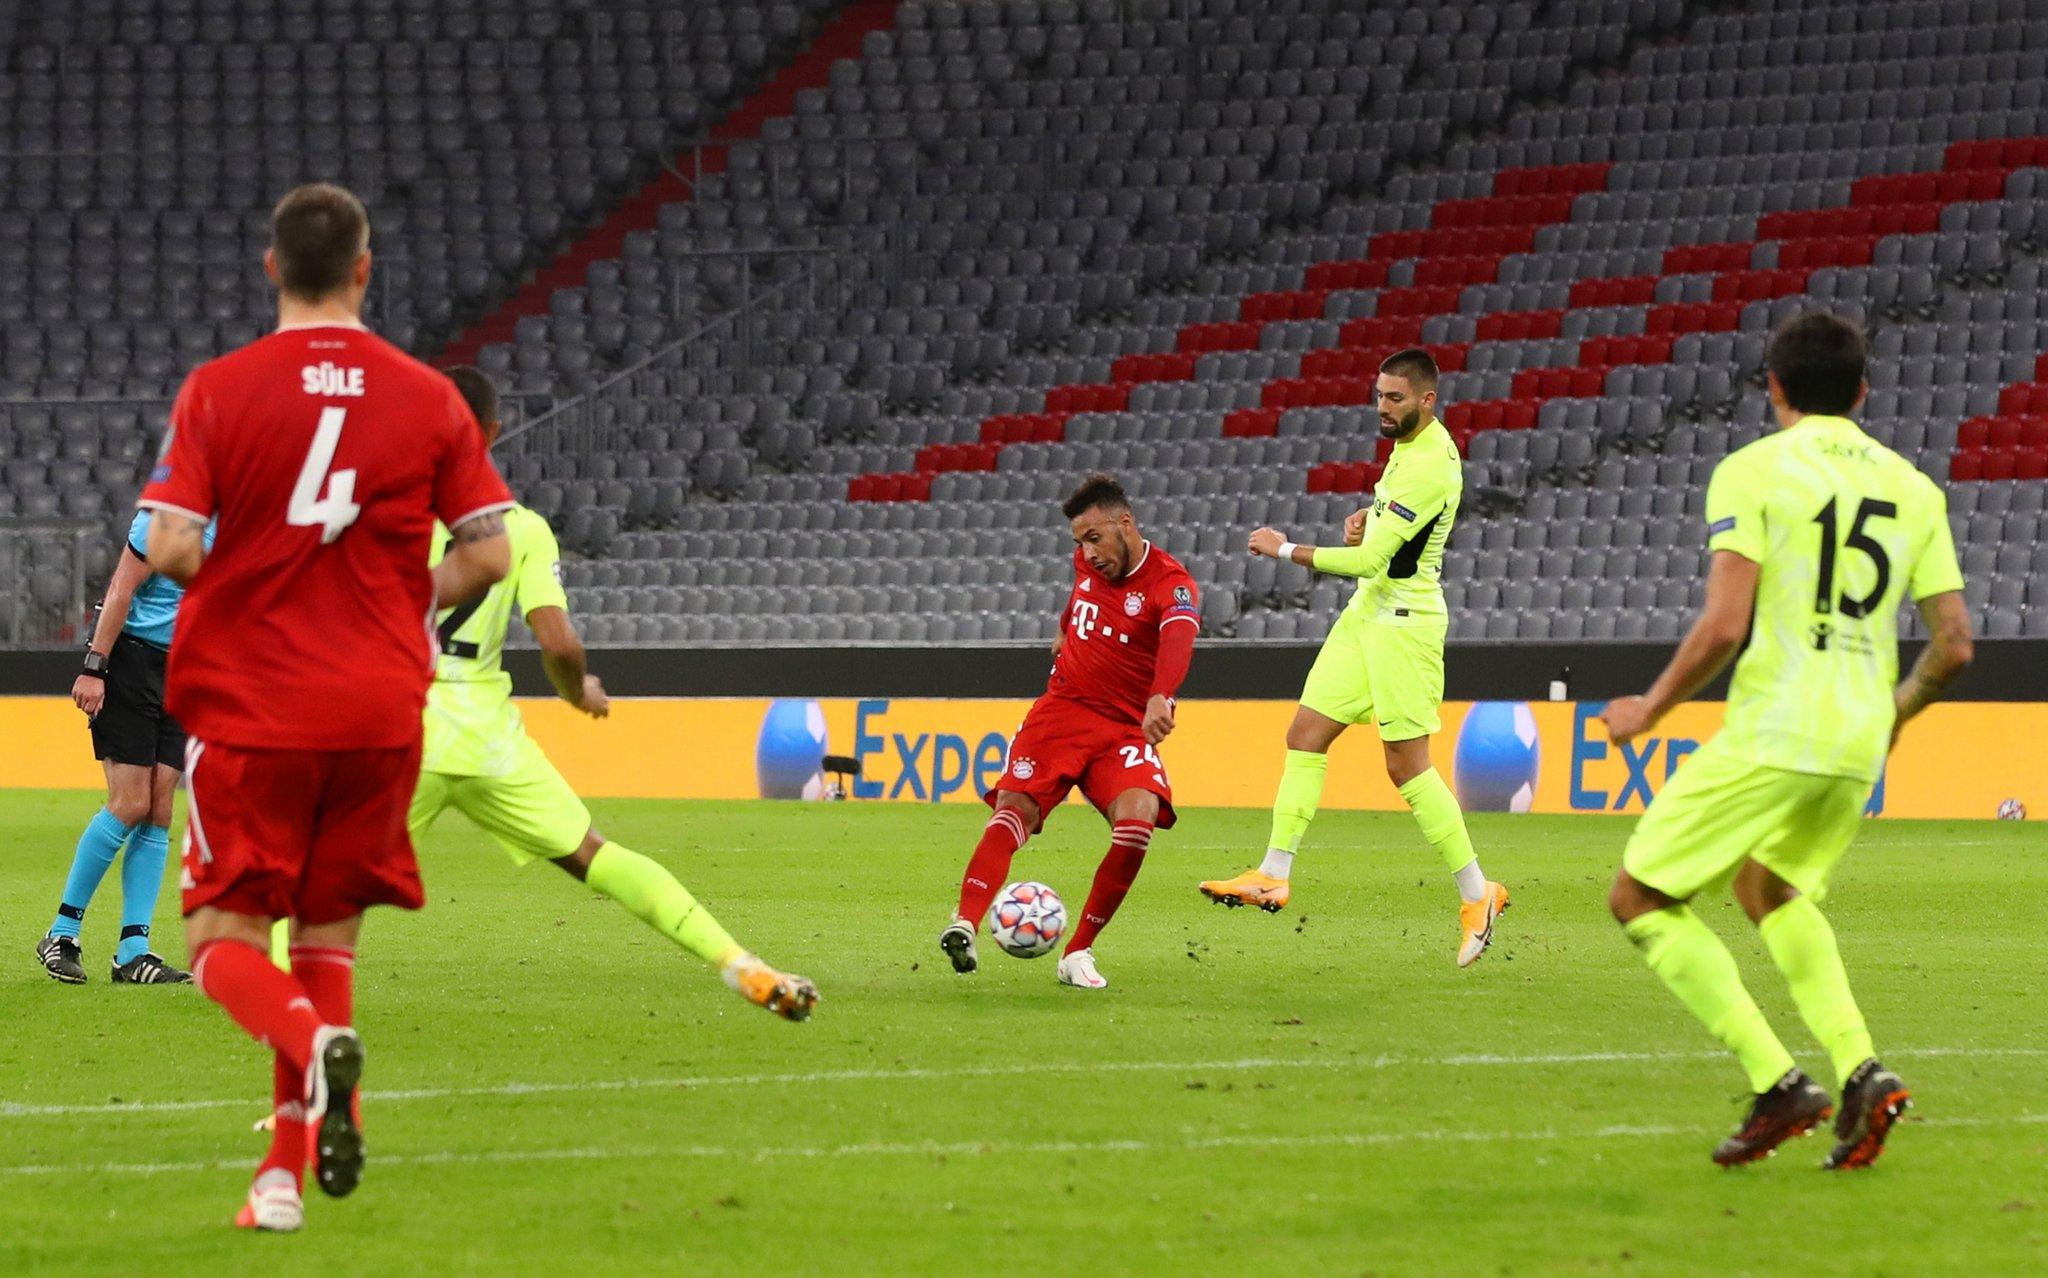 官方:托利索对马竞世界波当选拜仁月最佳进球